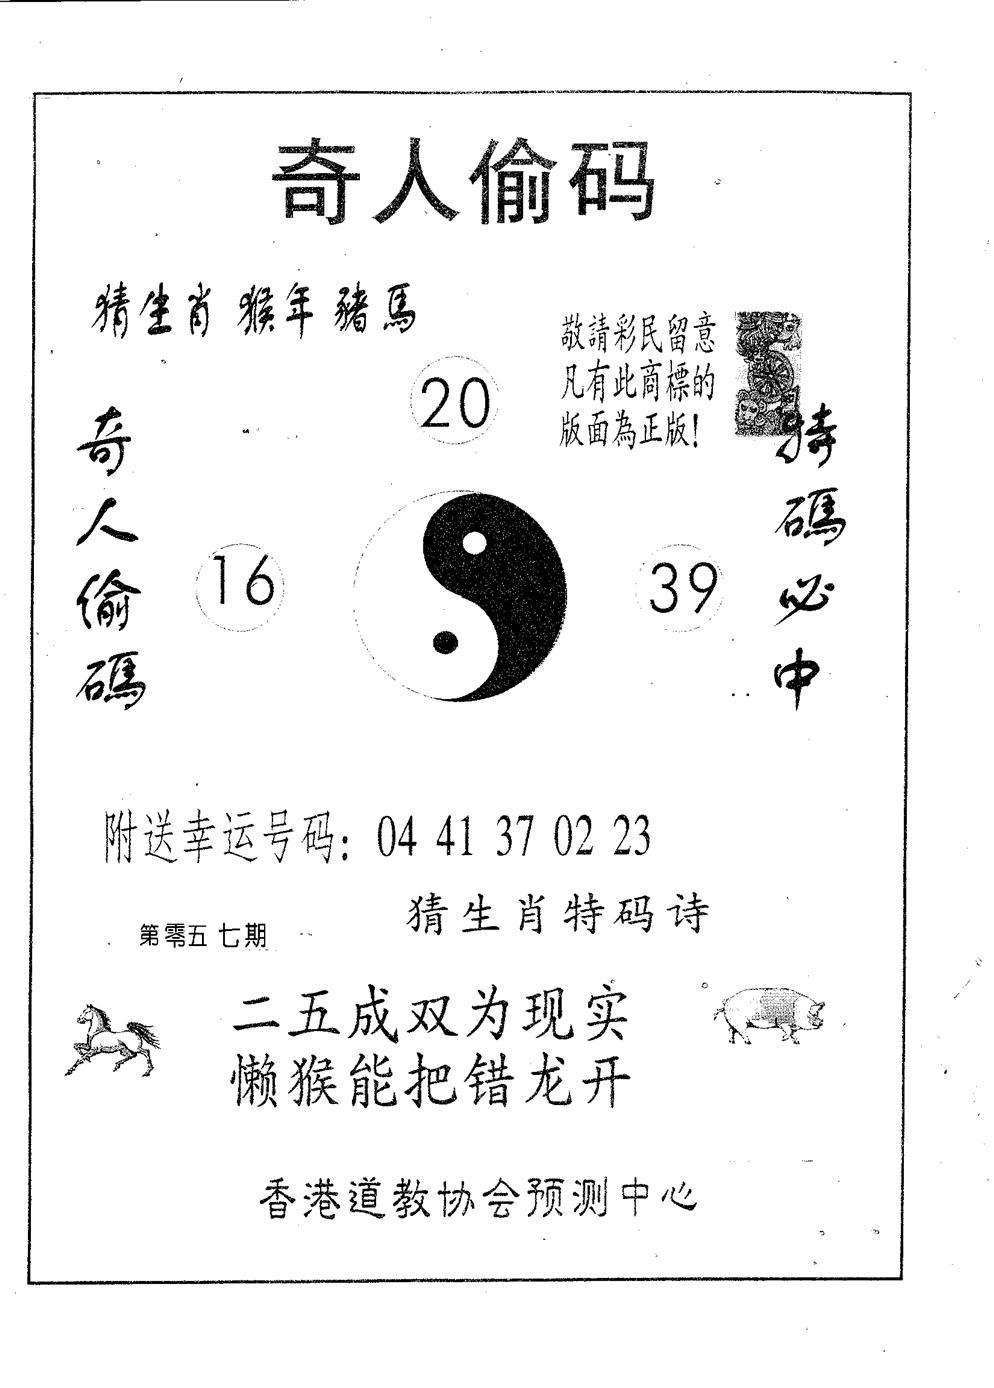 057期奇人偷码B(黑白)